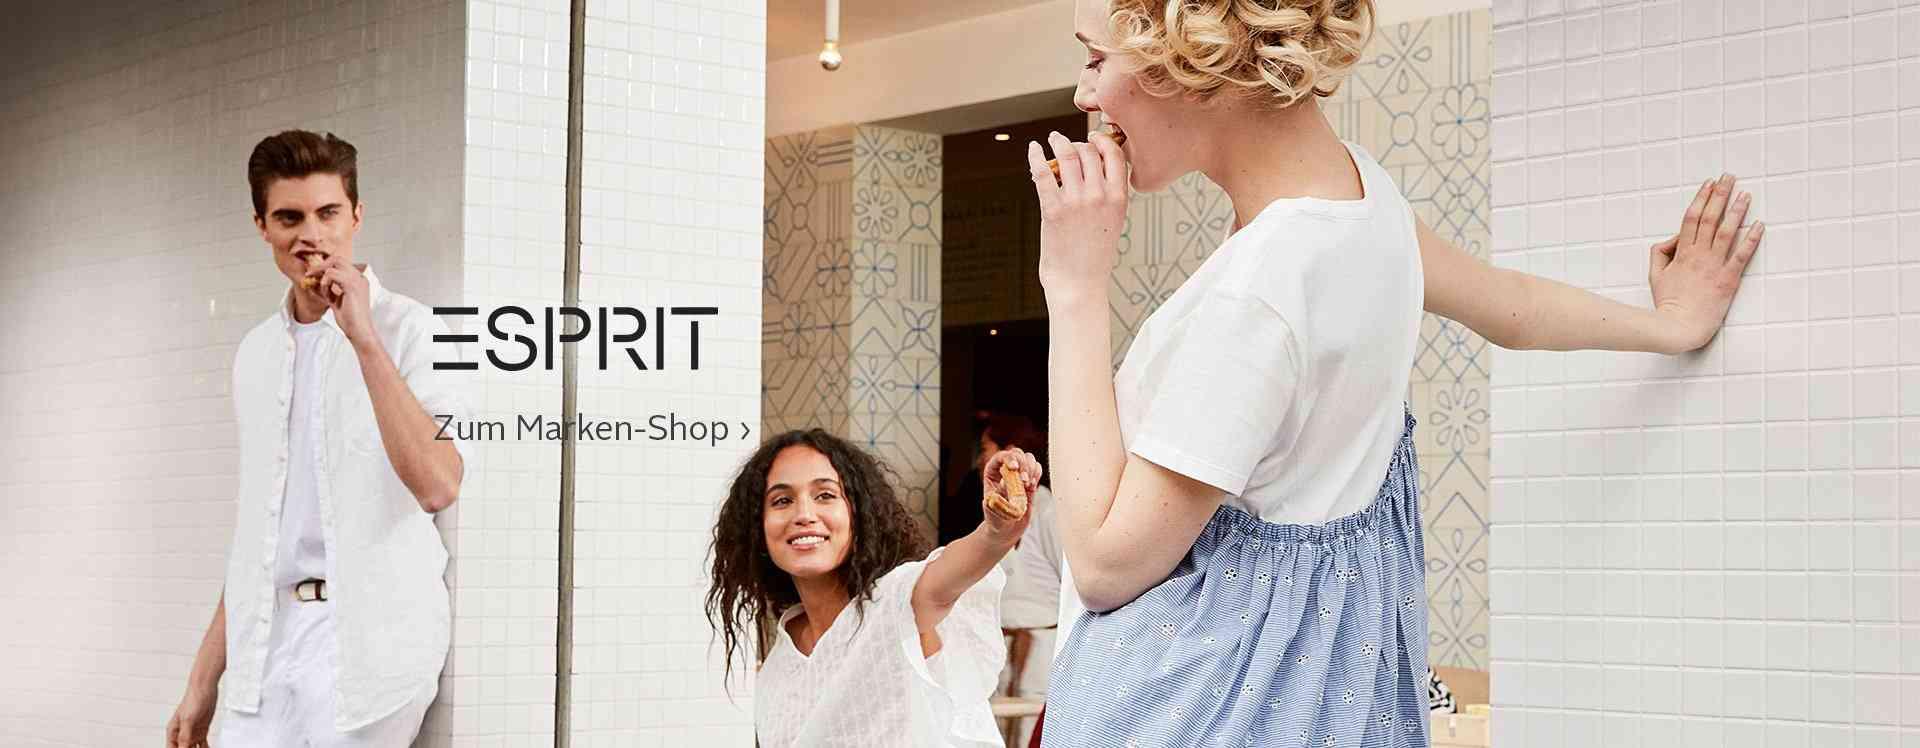 Damenmode von Esprit versprüht mit ganz persönlichem Charme Lebensfreude pur. Bequeme und schöne Basics, coole Trend-Outfits und tolle Accessoires für jeden Tag